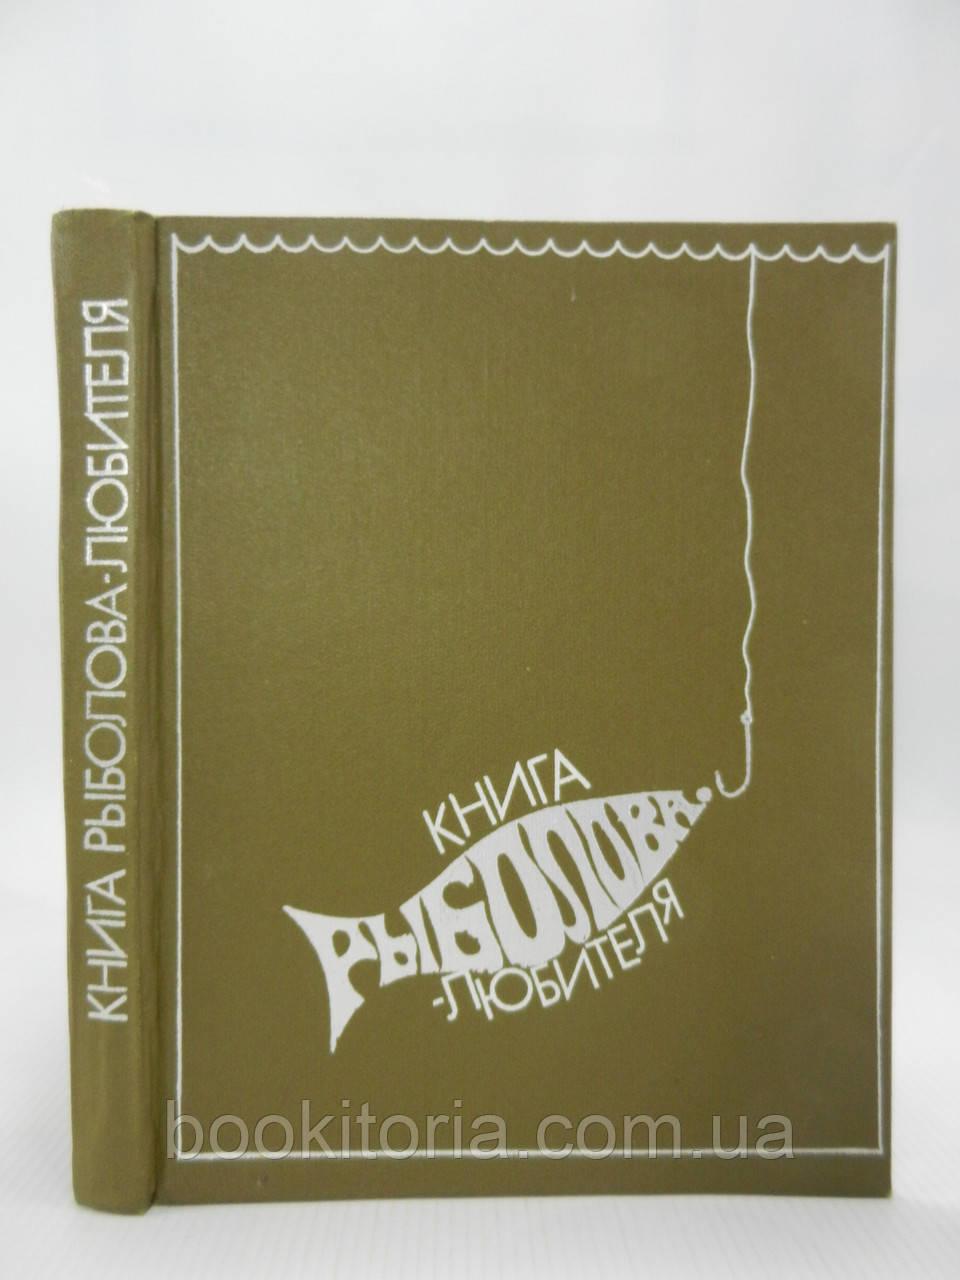 Книга рыболова-любителя (б/у).